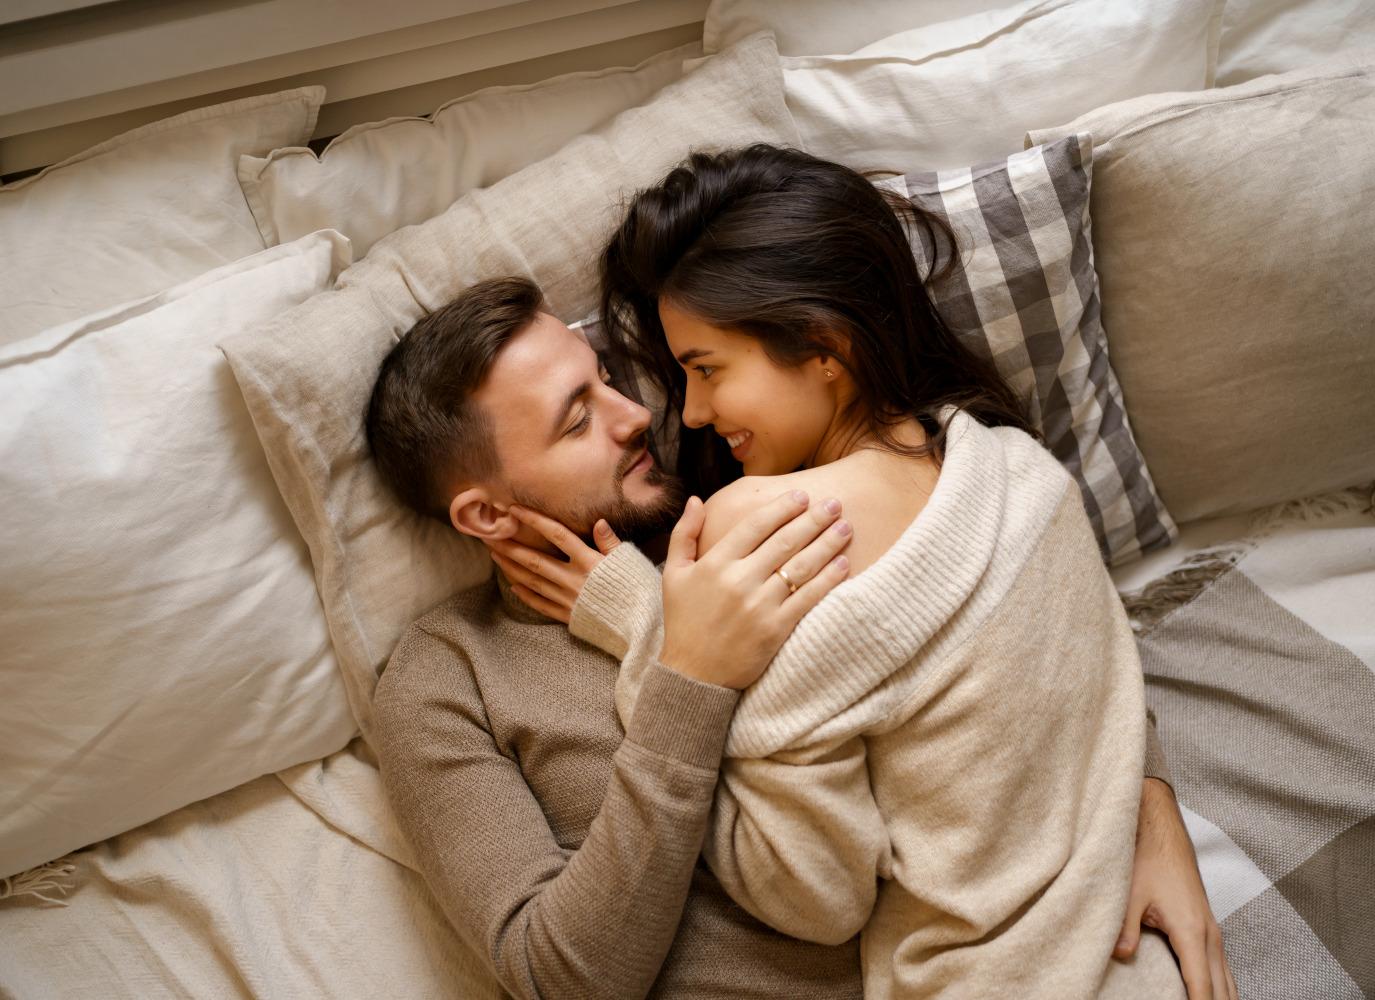 Thời điểm quan hệ tình dục thích hợp sau khi sinh con